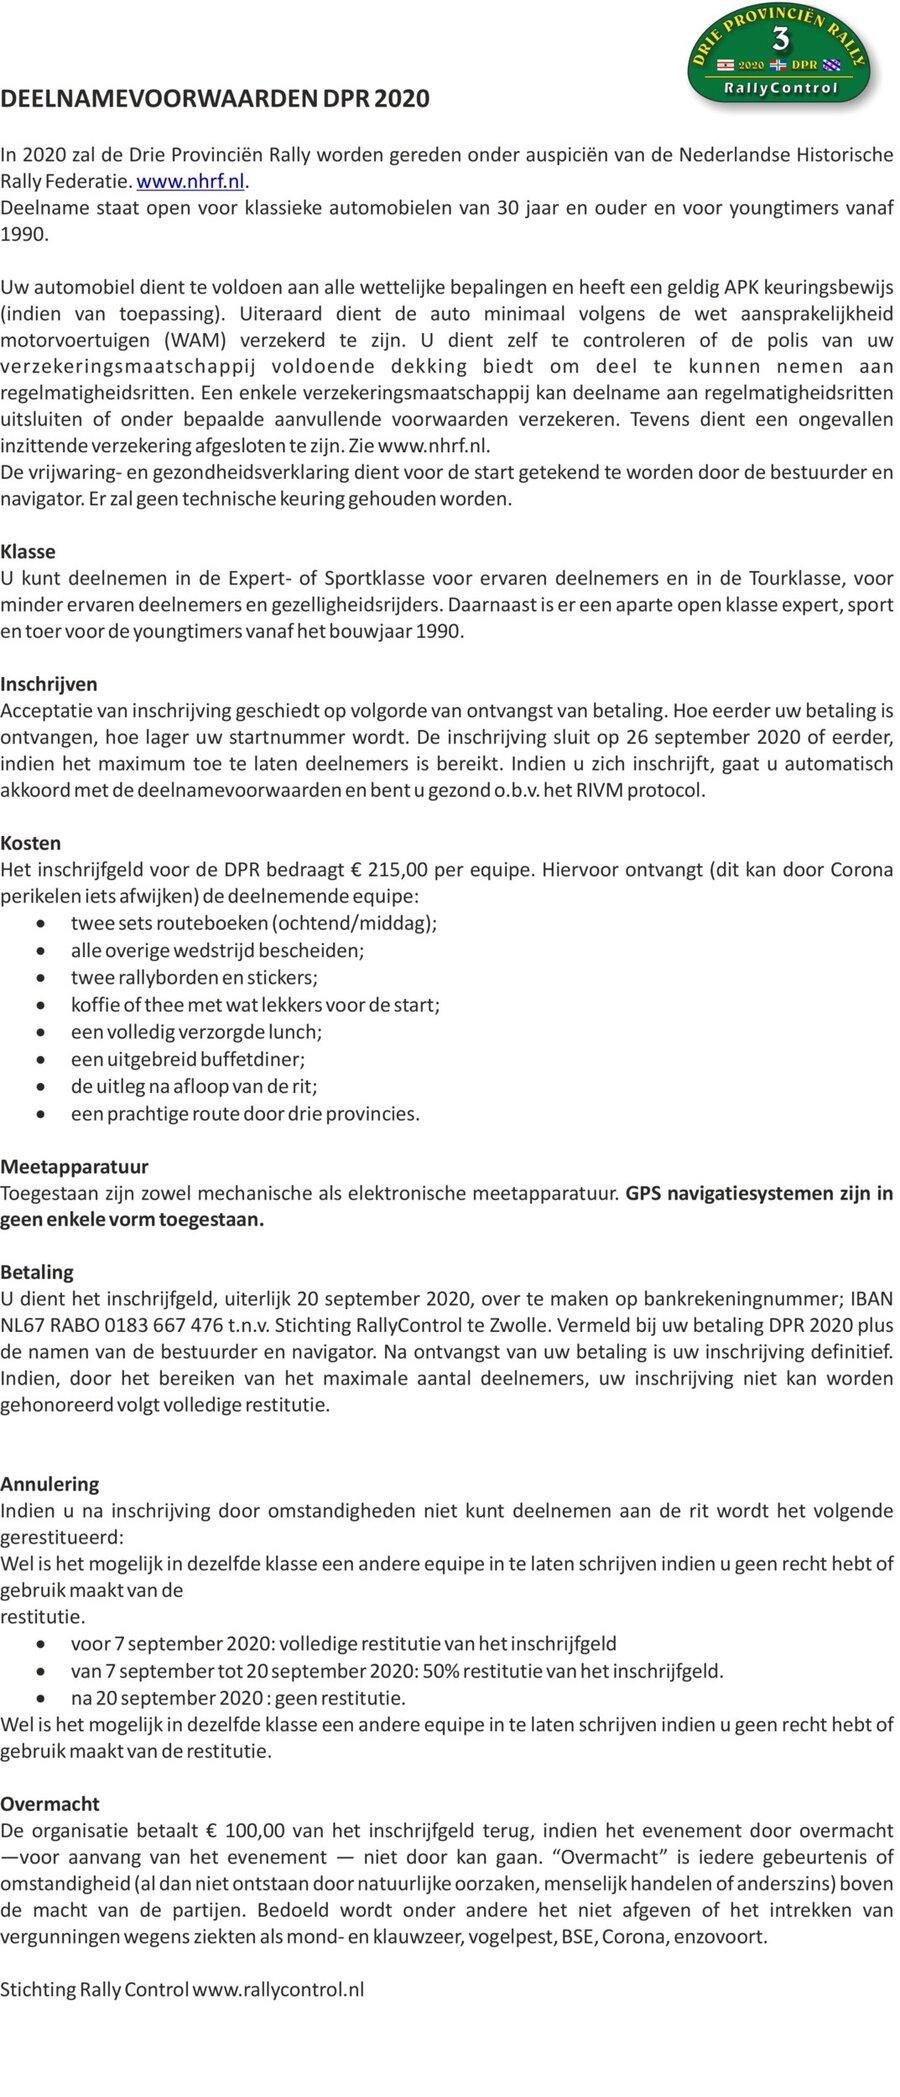 deelnamevoorwaarden-dpr-2020